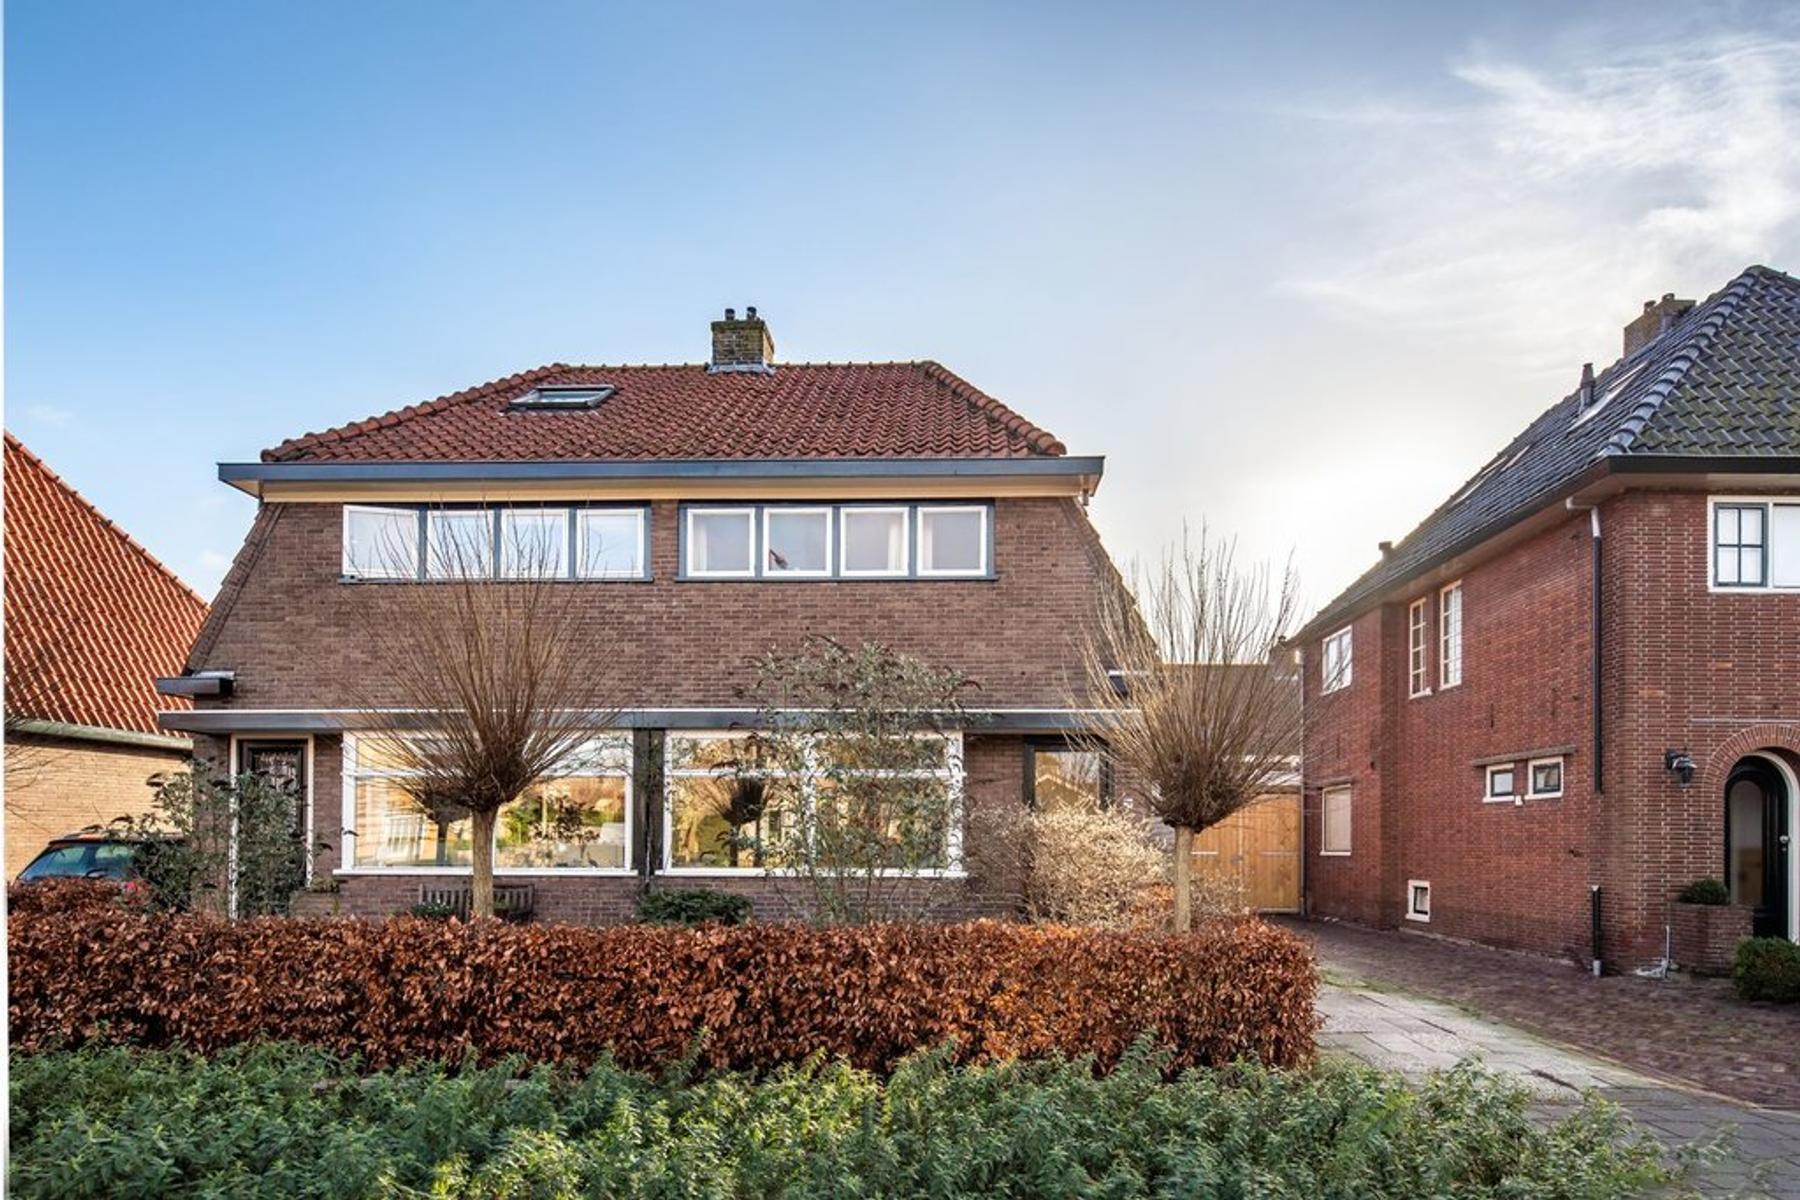 Mr Halbe Binnertsstraat 20 in Heerenveen 8442 EE